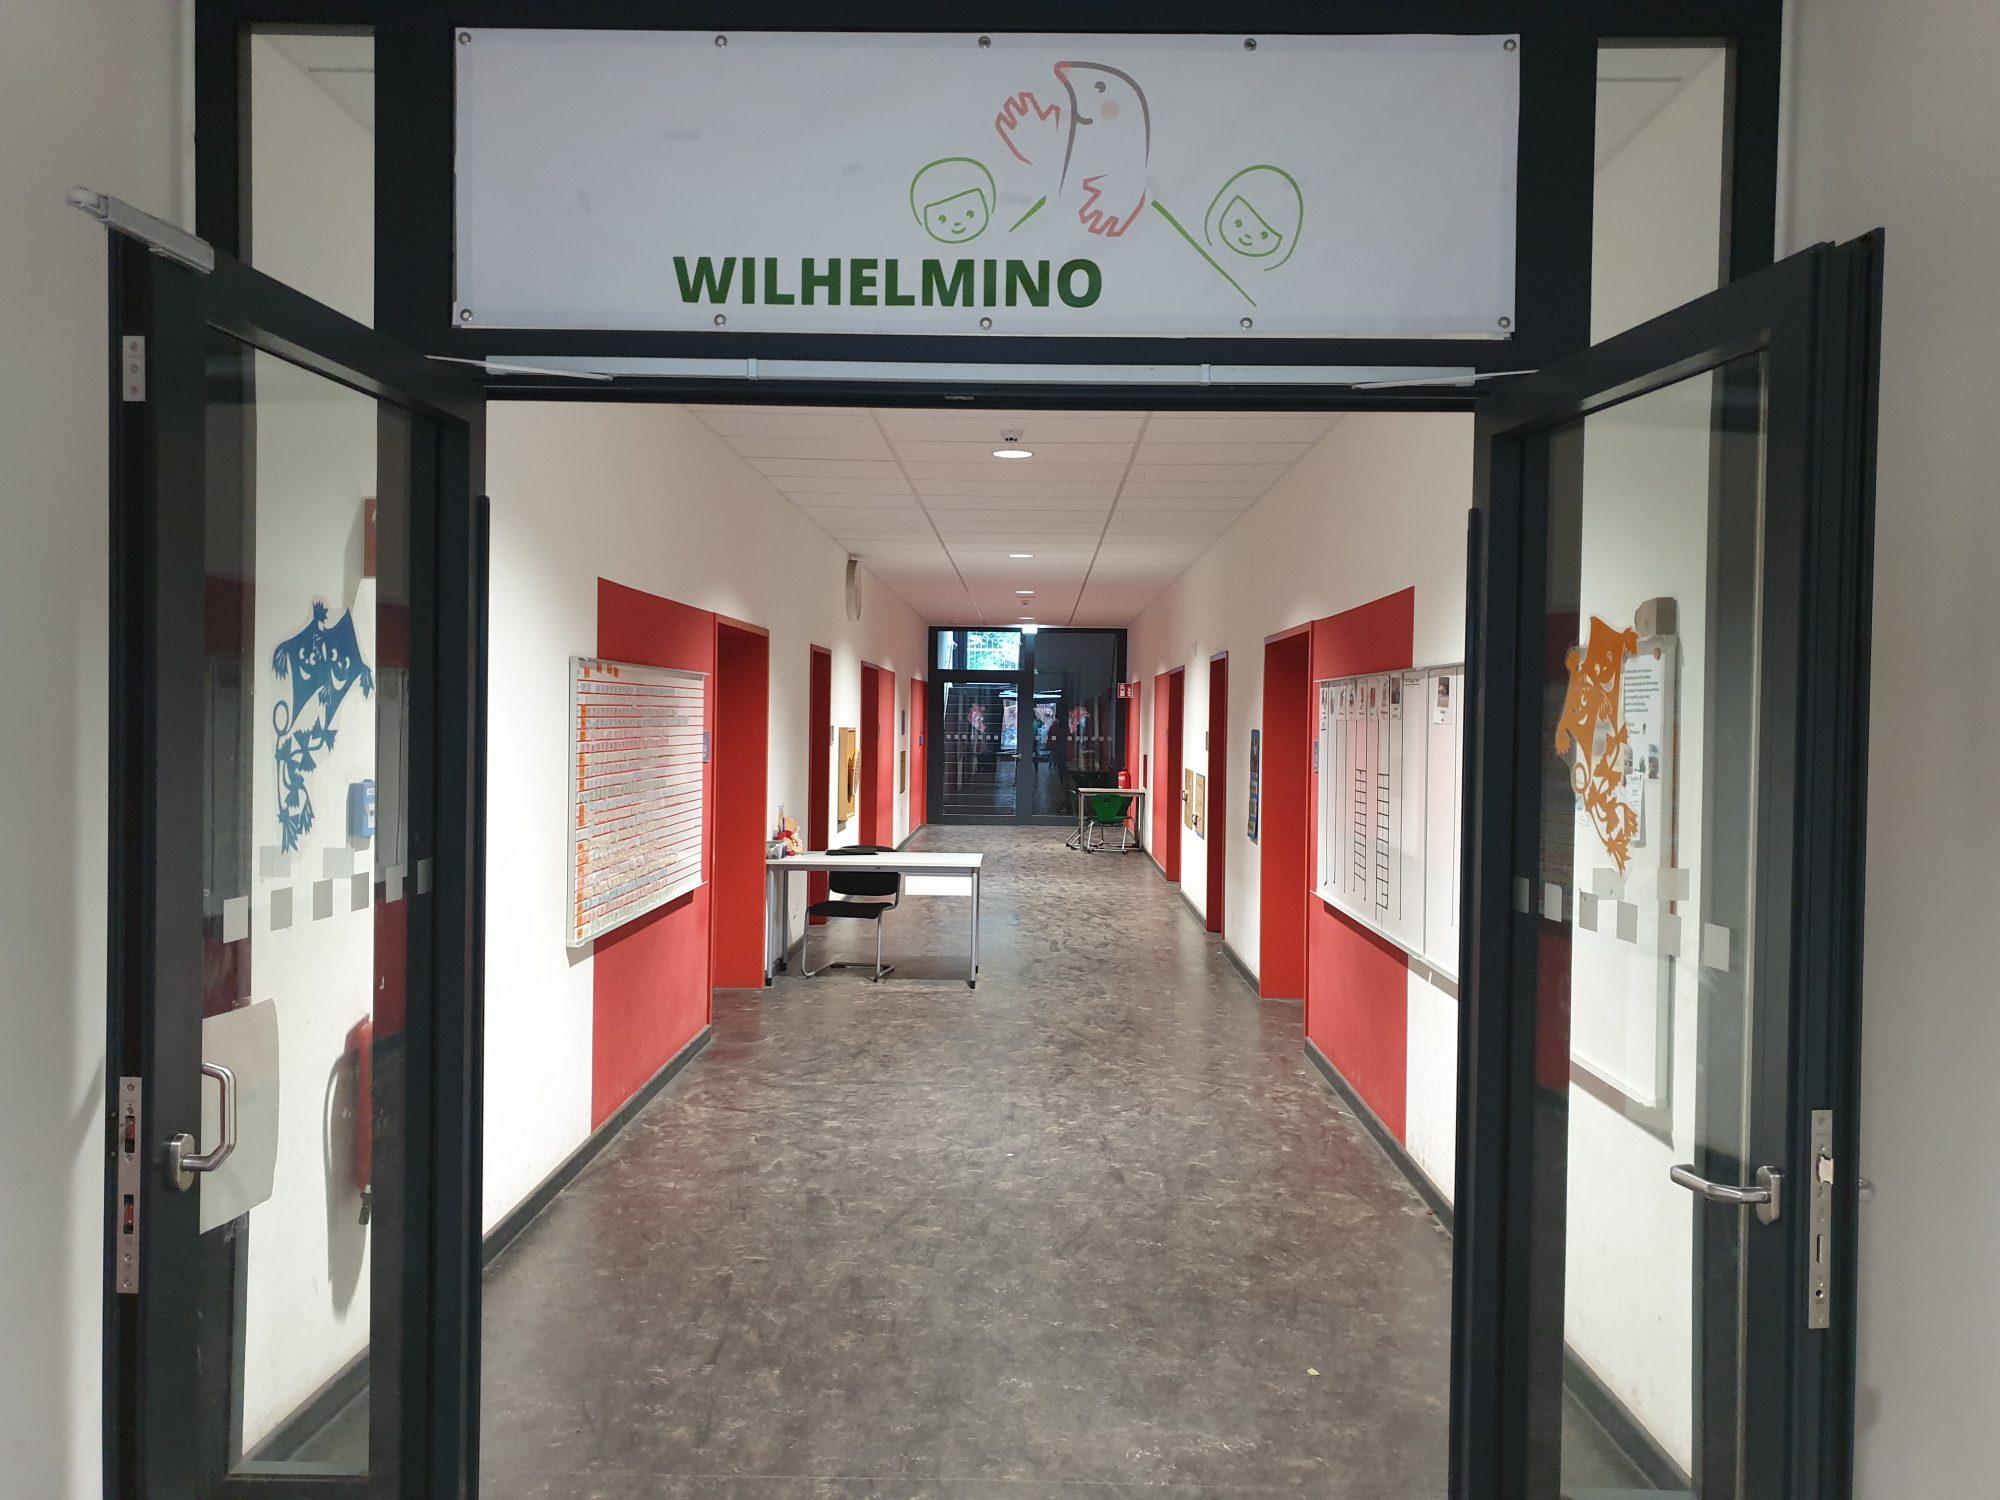 Wilhelmino-eFöB/Hort